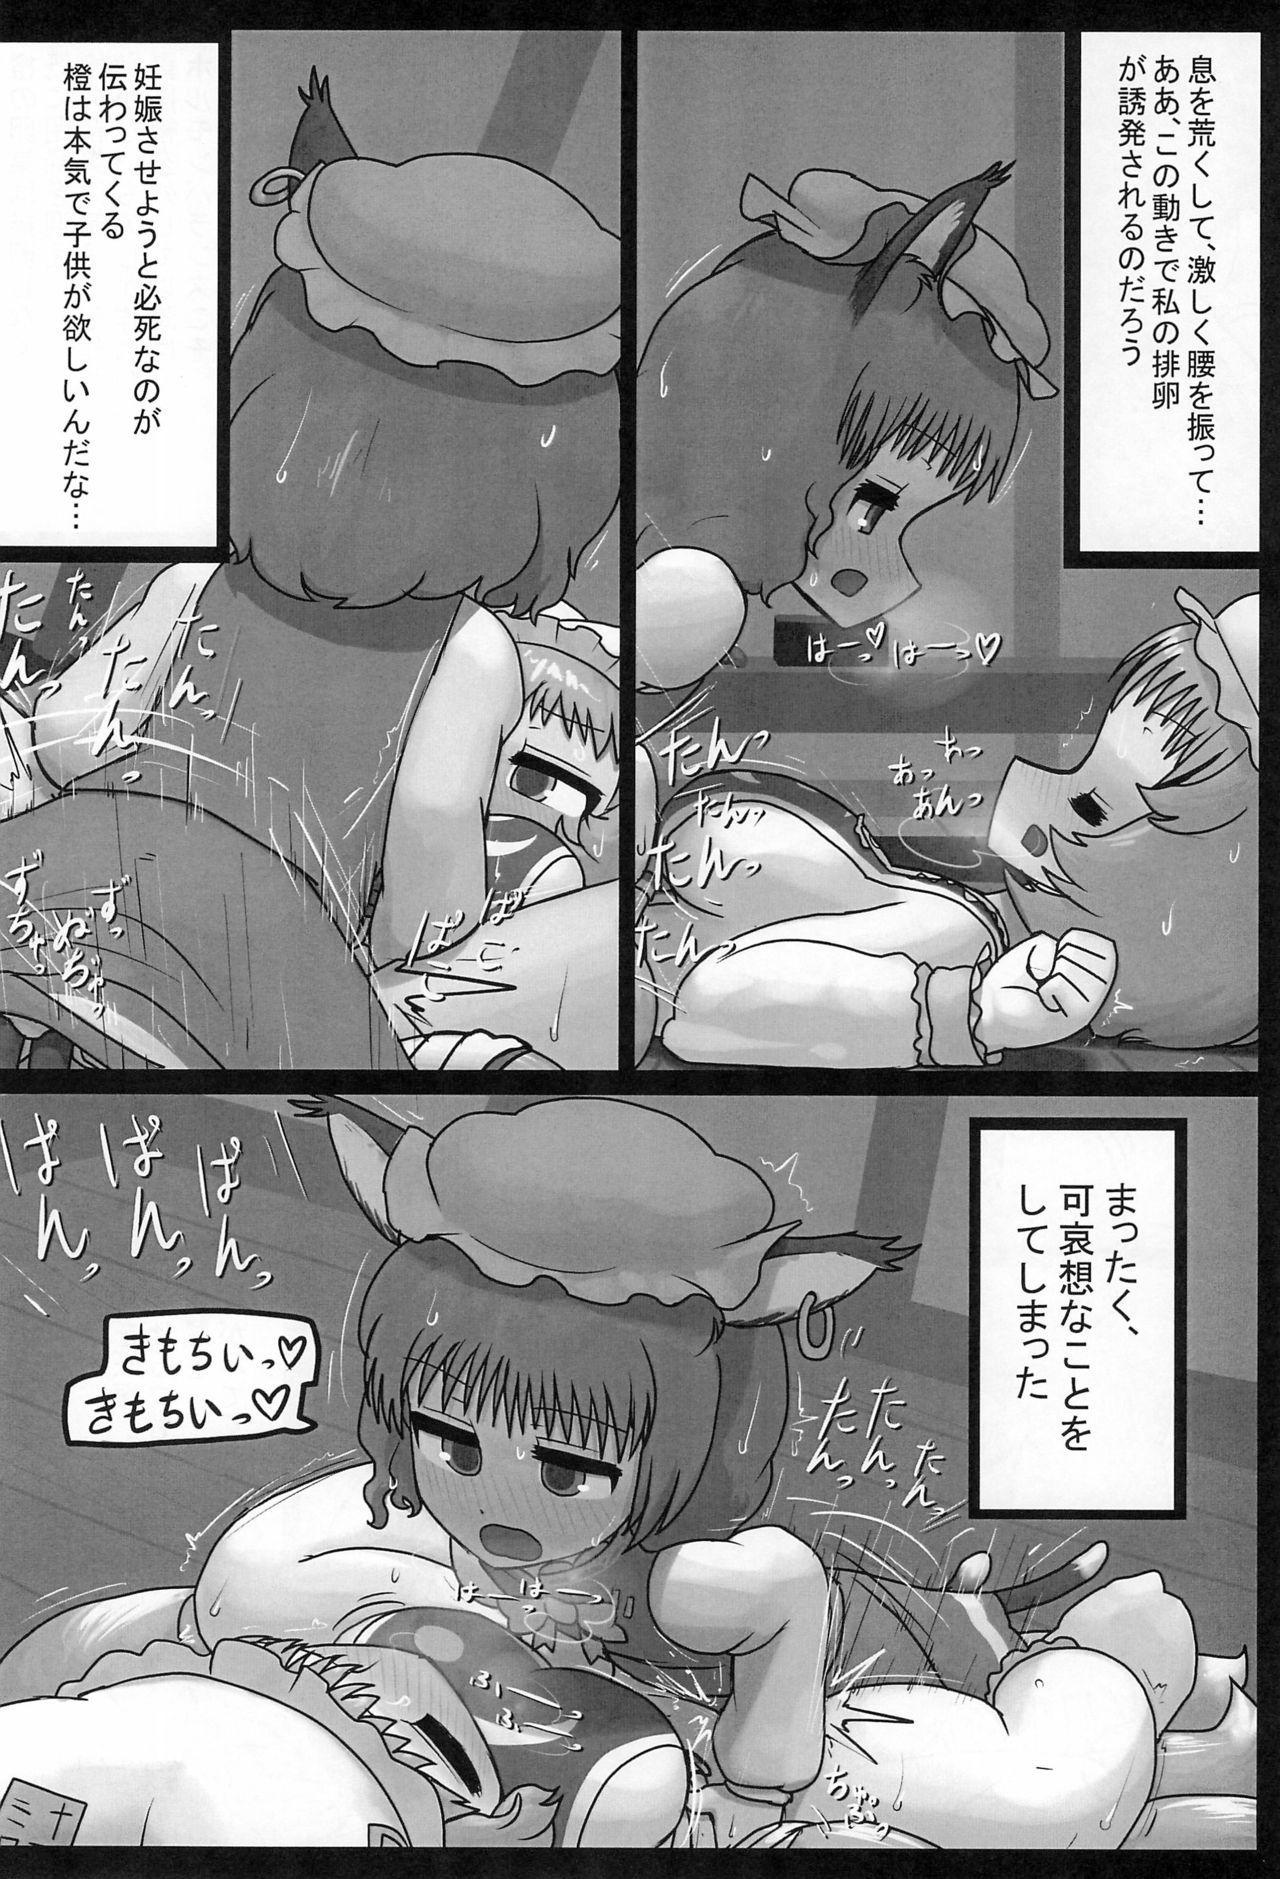 Hogosha Sekimu 9